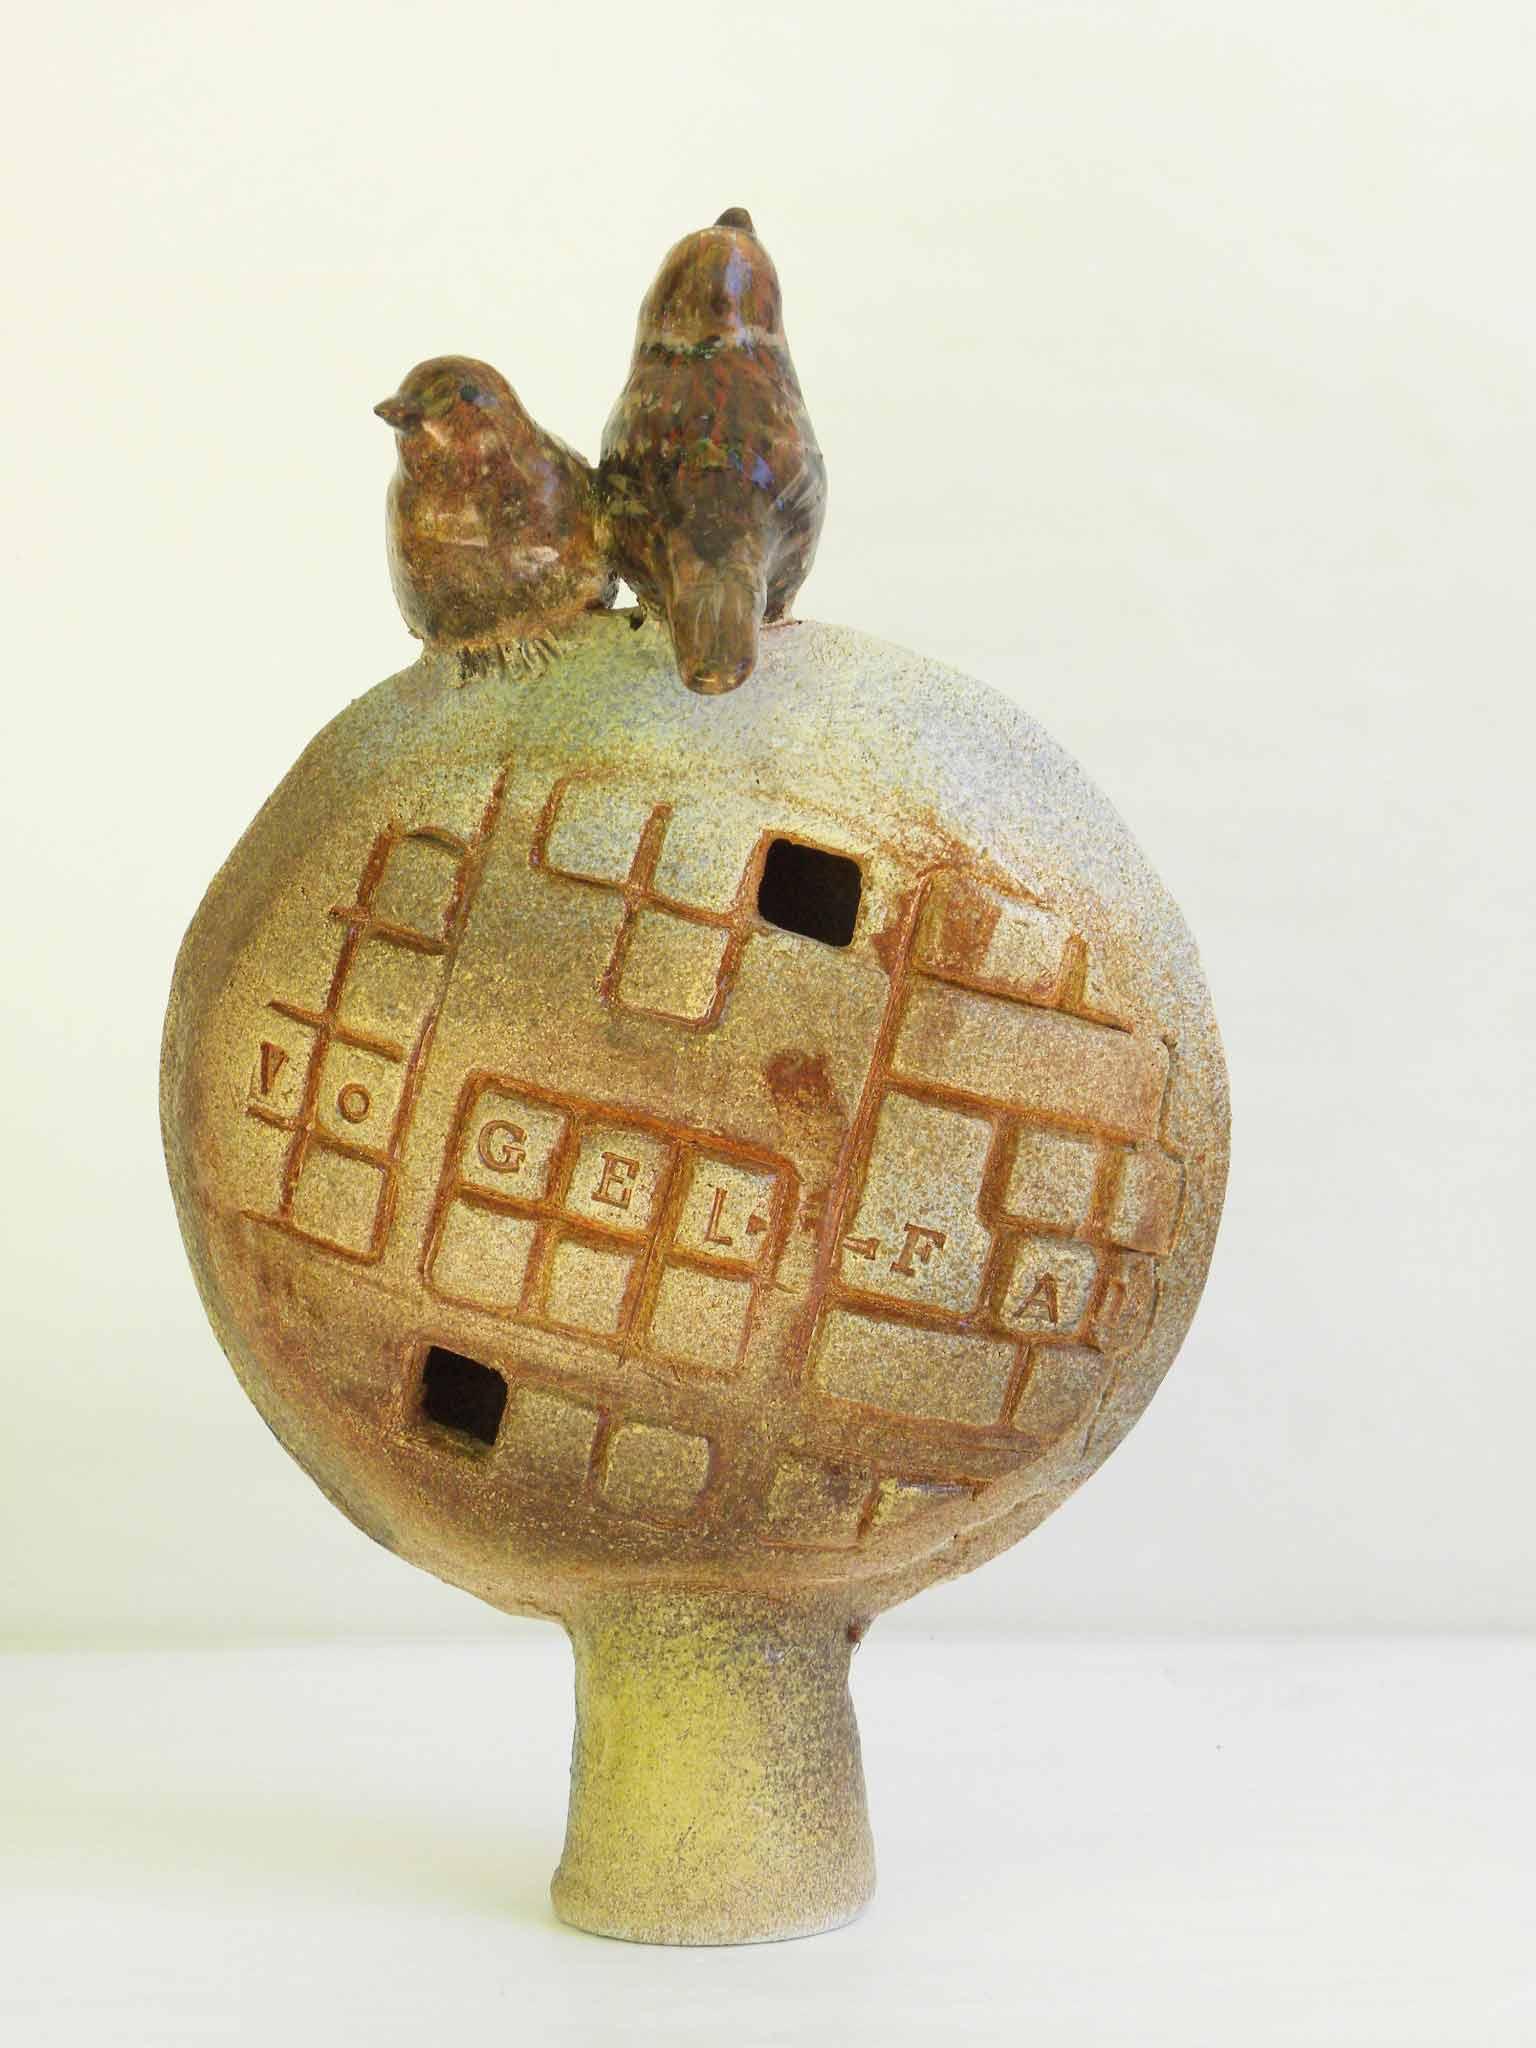 Keramikskulptur Vögel auf dem Baum